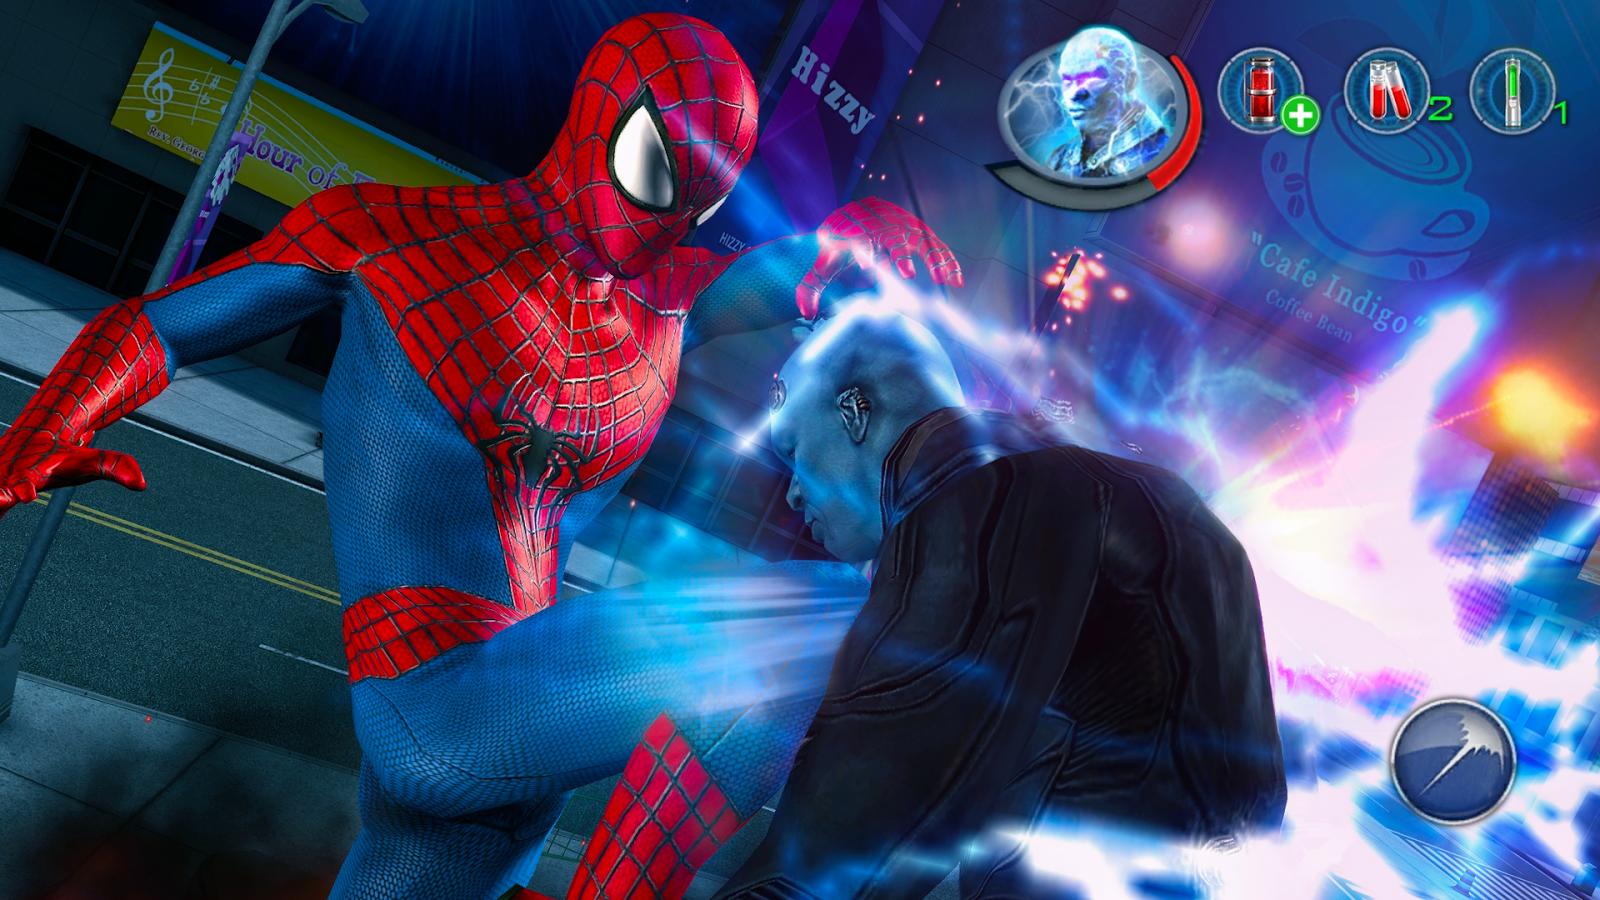 Spider-Man (русская версия) - На Русском языке - Playstation 1/PS One ISO ( игры, образы ) - Скачать бесплатно - Nintendo - приставочные игры на русском языке торрентом